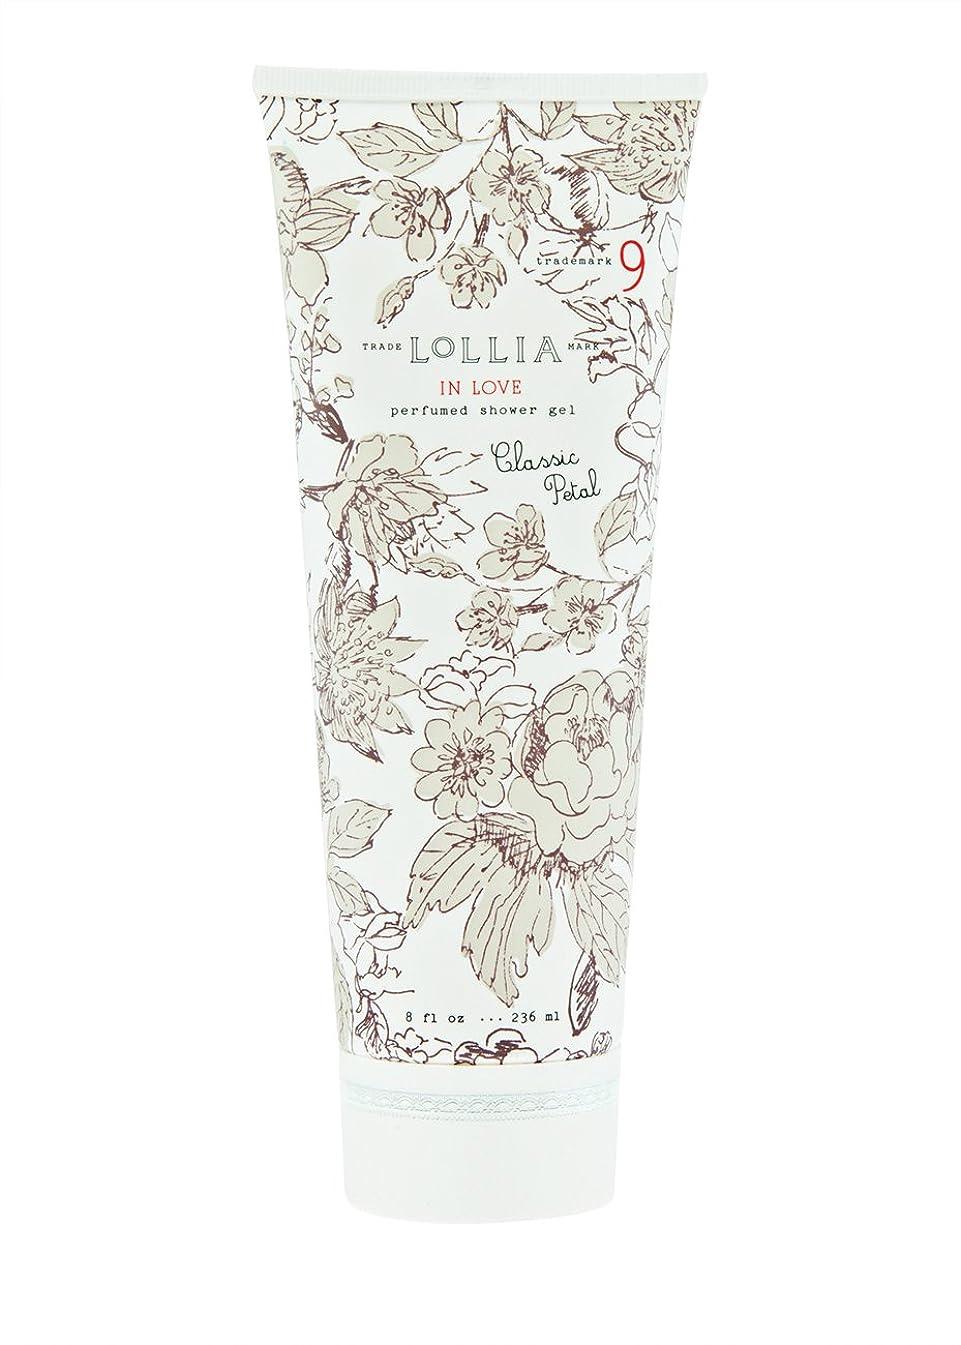 立証する騒ぎ仲間ロリア(LoLLIA) パフュームドシャワージェル InLove 236ml(全身用洗浄料 ボディーソープ アップルブロッサム、ジャスミン、ローズのフルーティで爽やかな香り)